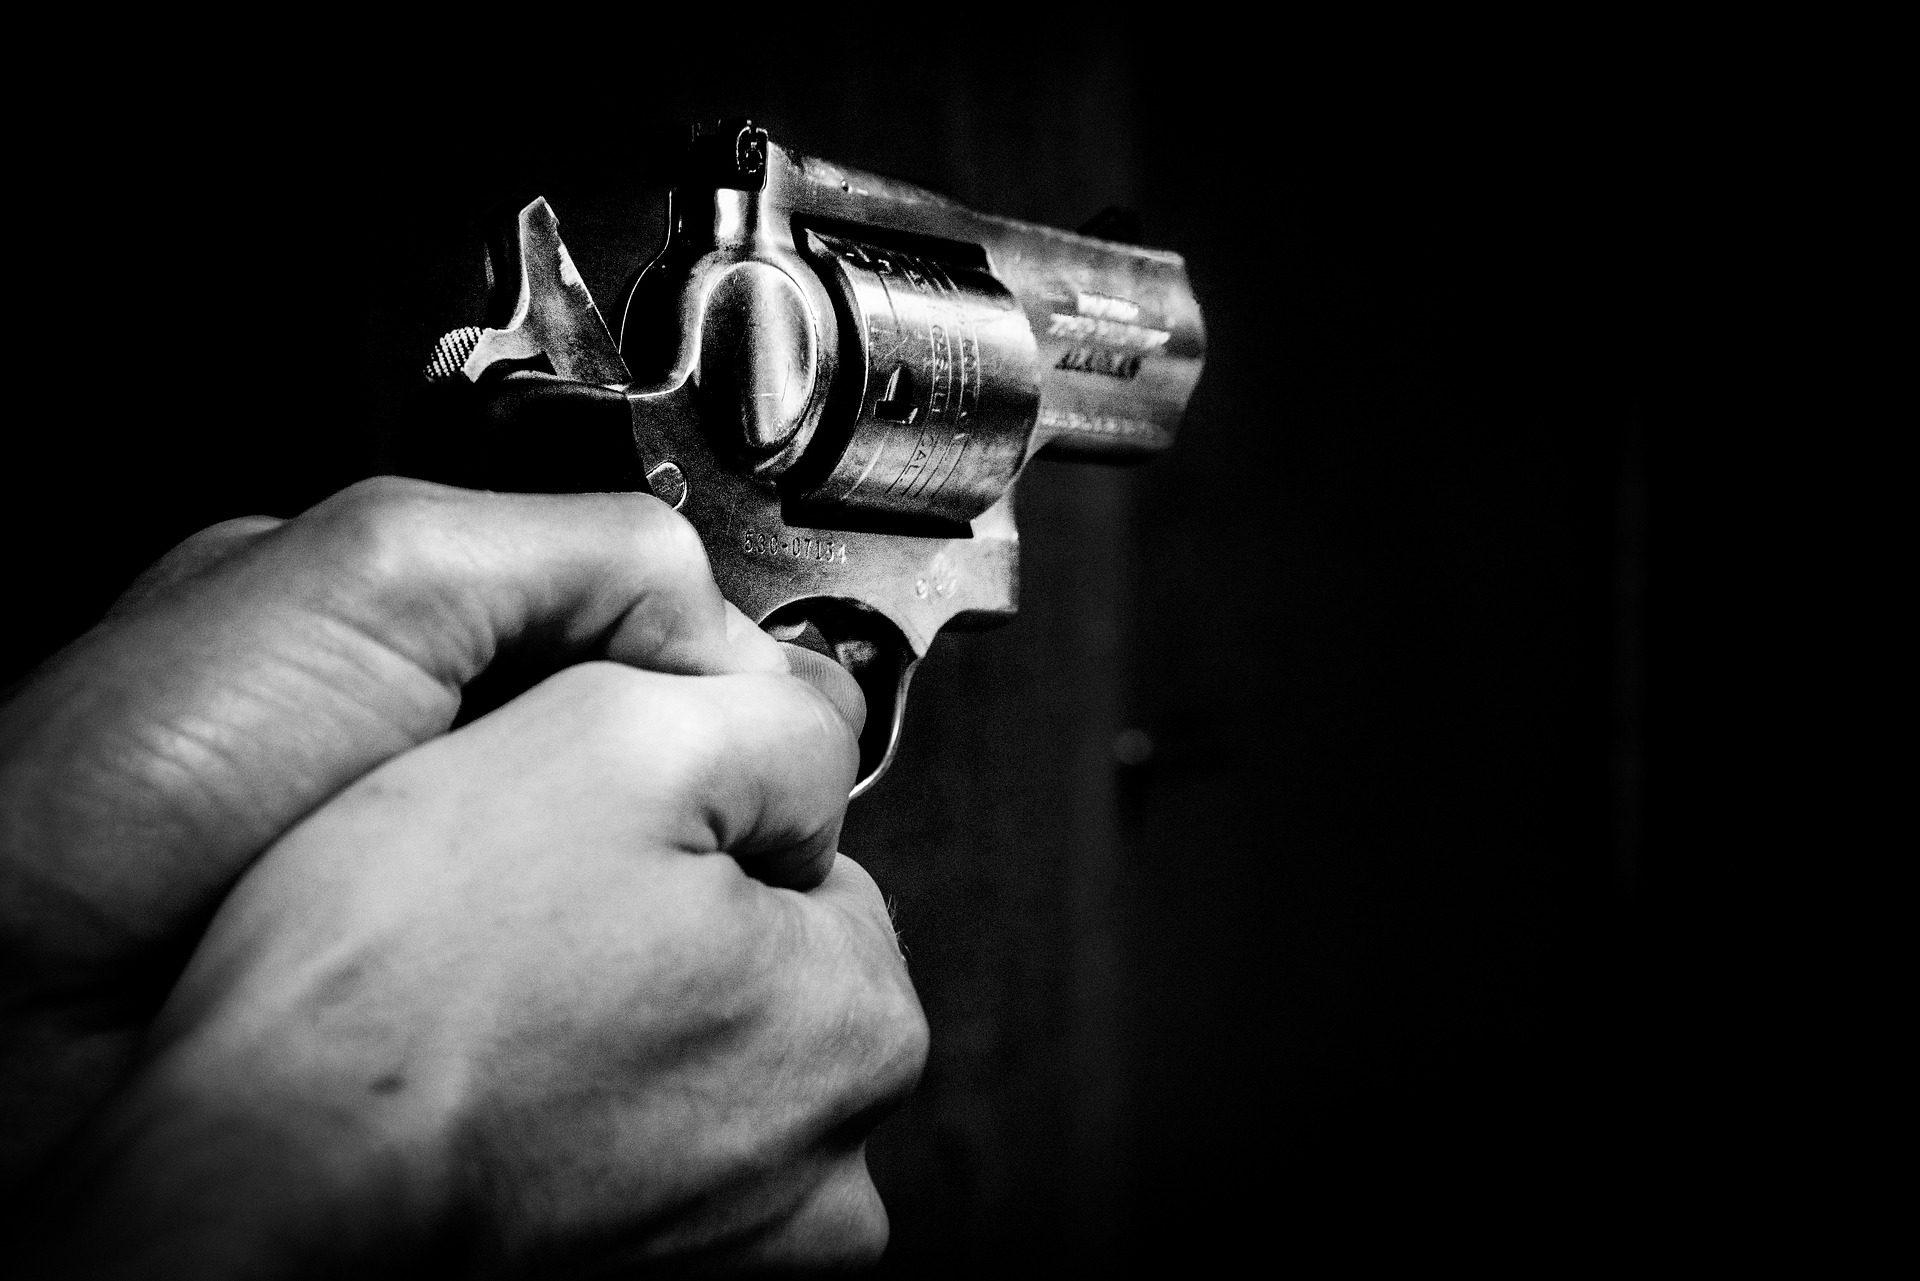 Joven mata a exnovia y nueva pareja romántica en Ciudad de México - Prensa Libre